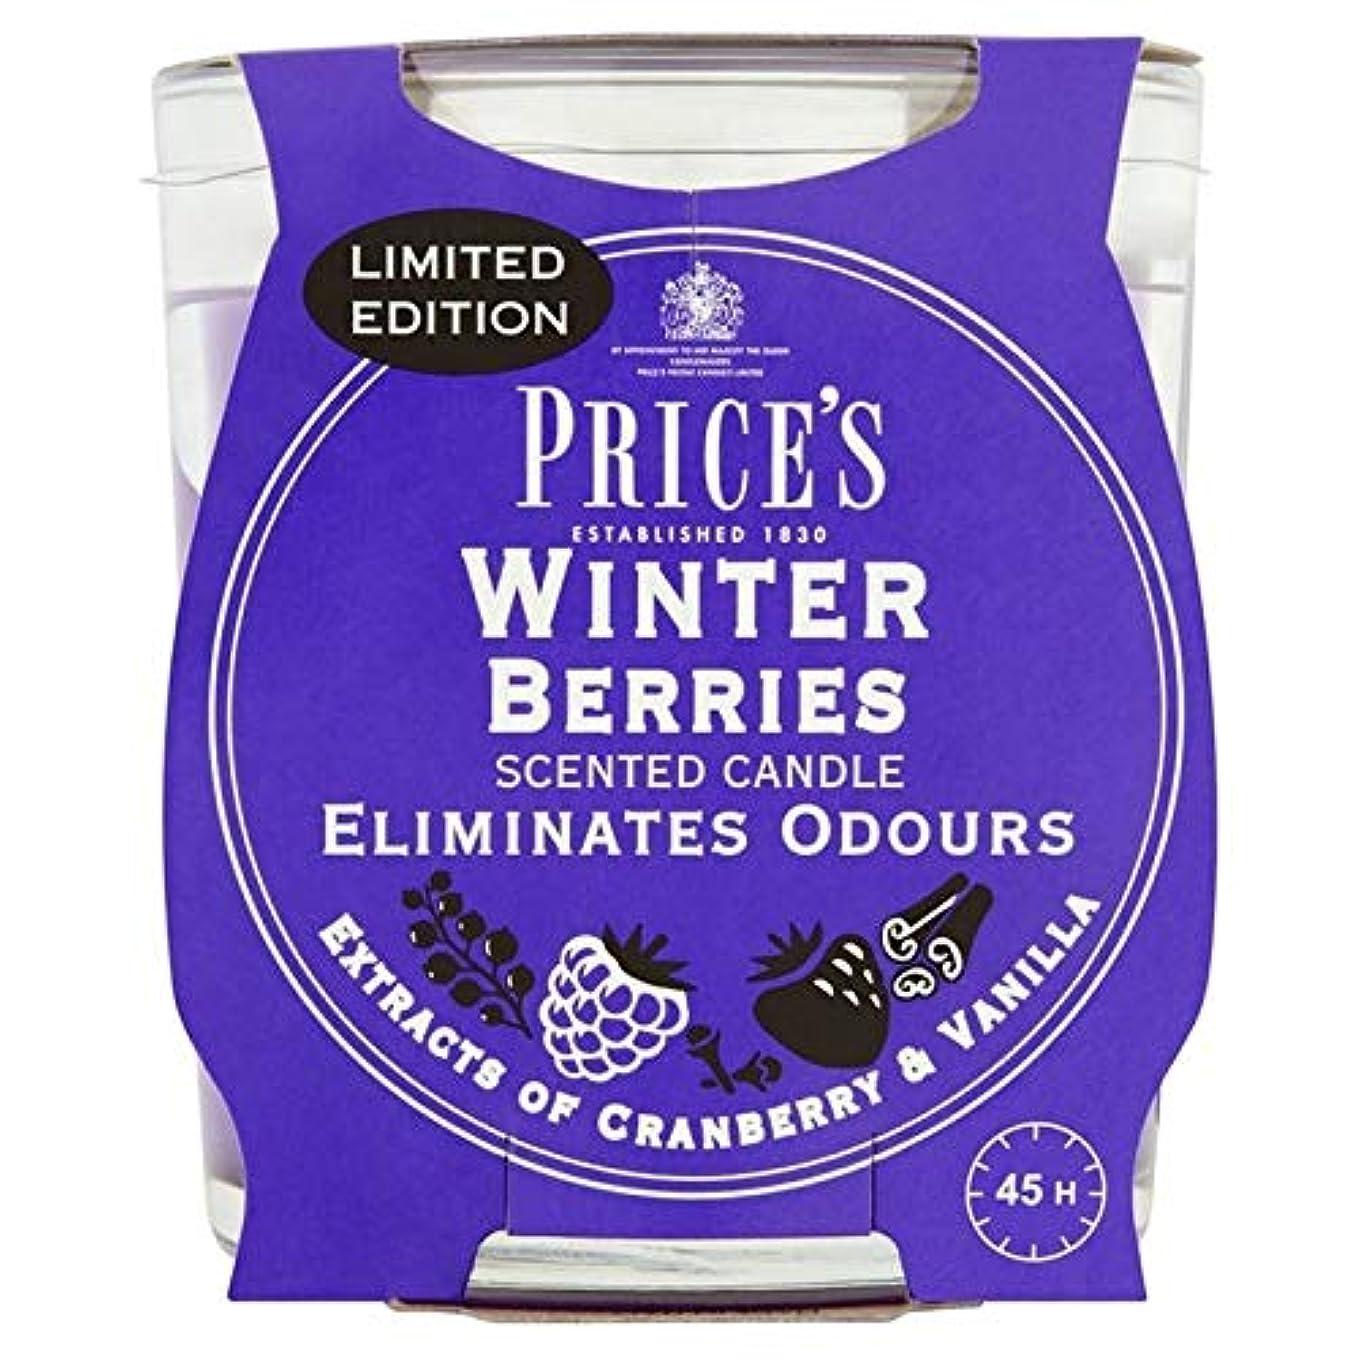 シャー革新深める[Prices ] 価格の冬のベリーの香りのキャンドル - Price's Winter Berries Scented Candle [並行輸入品]